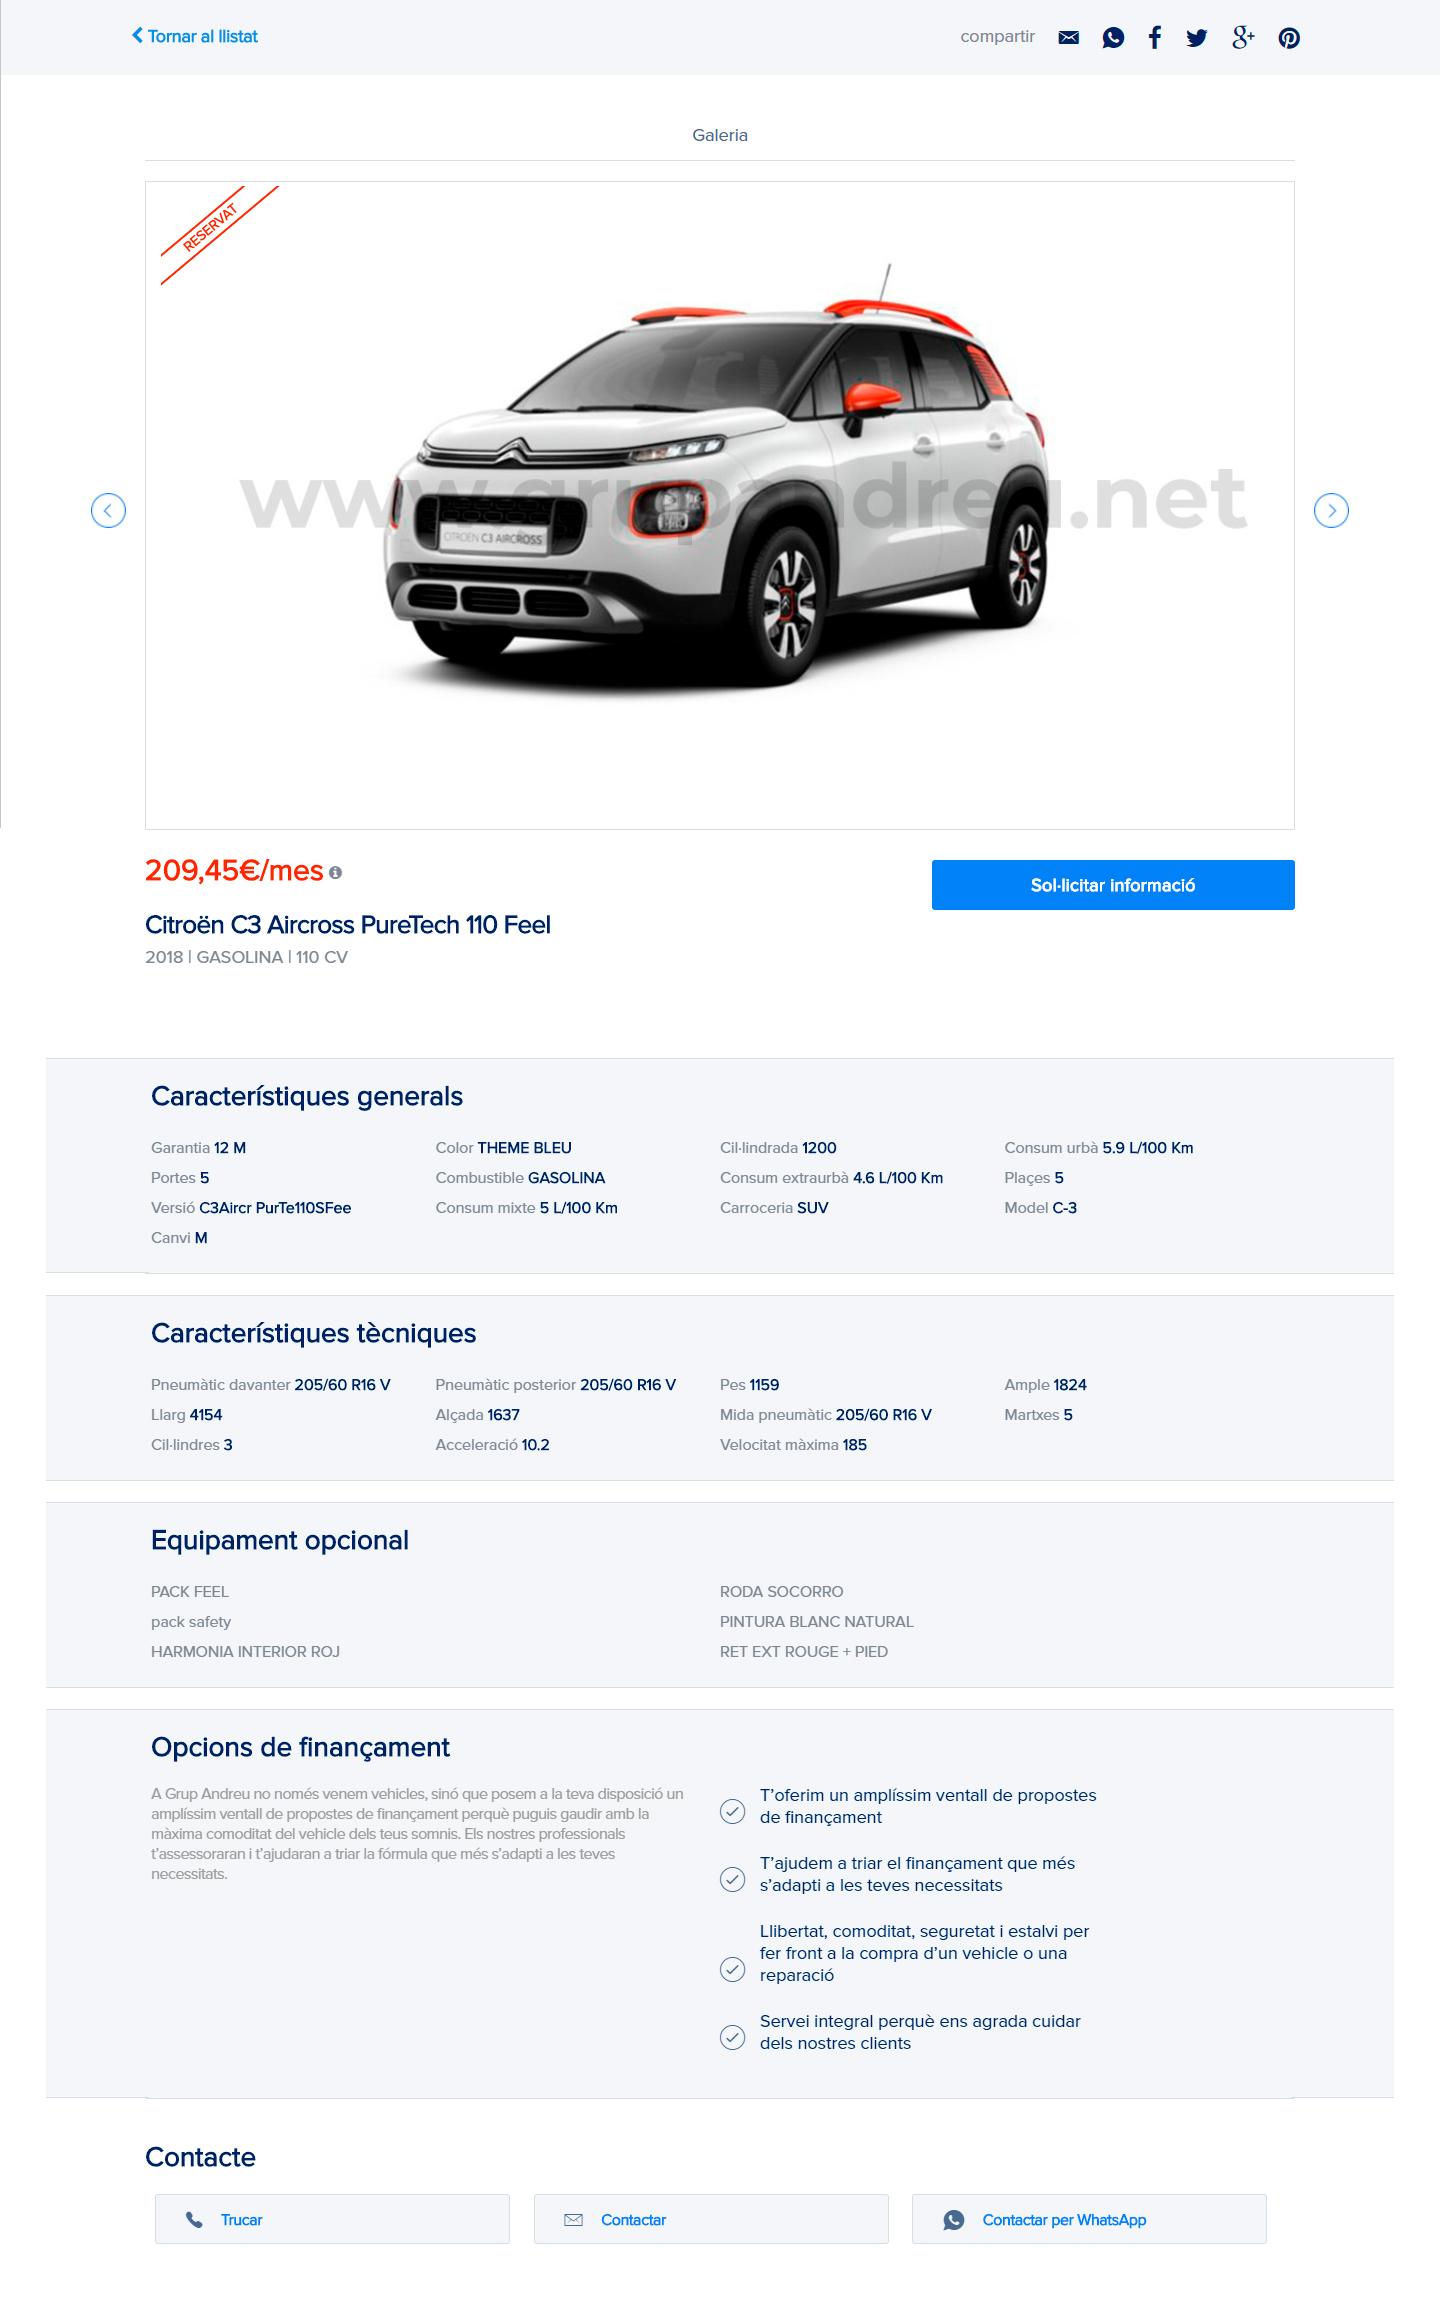 Grupandreu venda coches